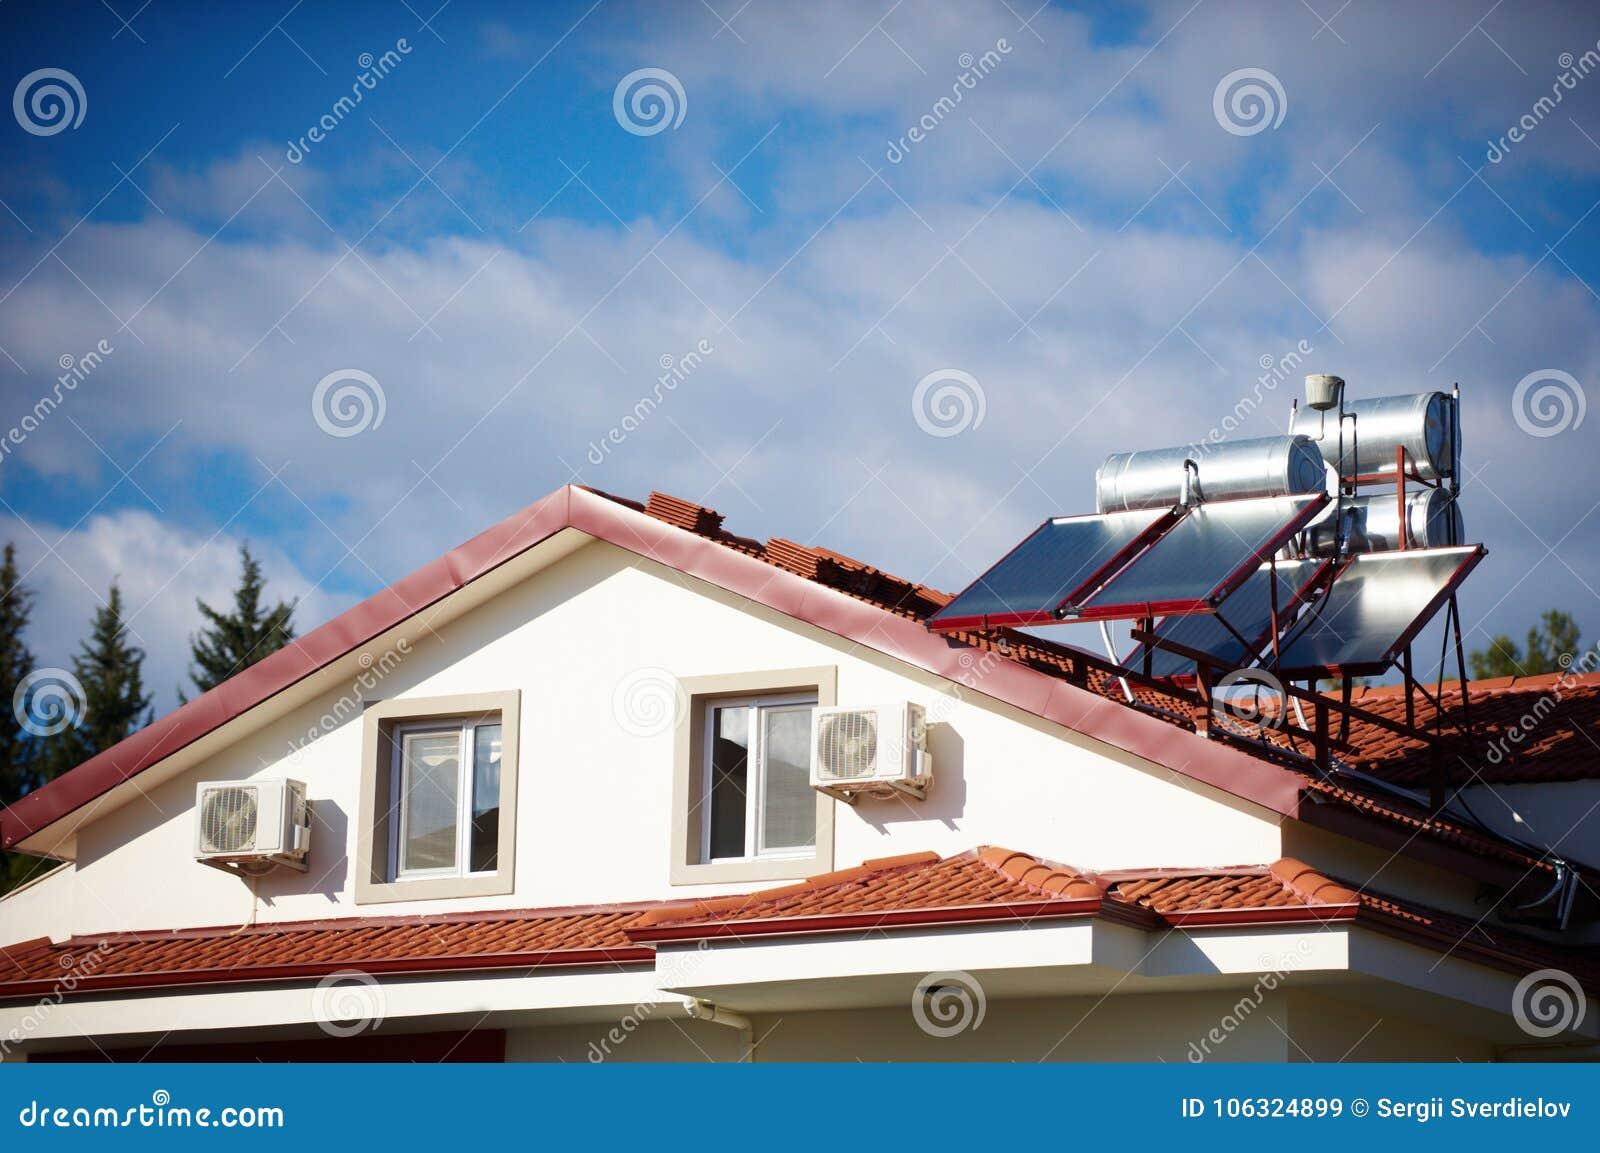 Calentadores solares en el tejado de la casa imagen de archivo imagen de conservaci n - La casa en el tejado ...